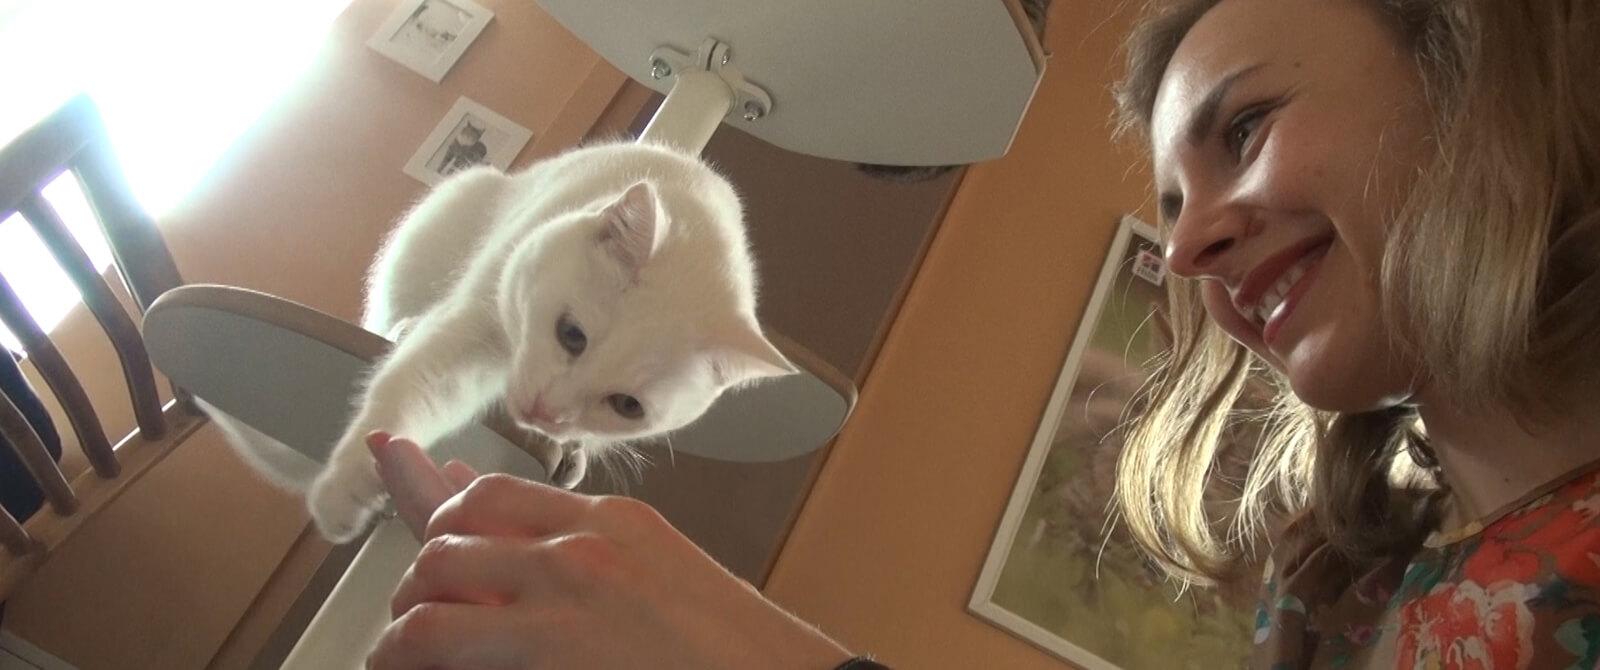 Katė su kačių kavinės lankytoja